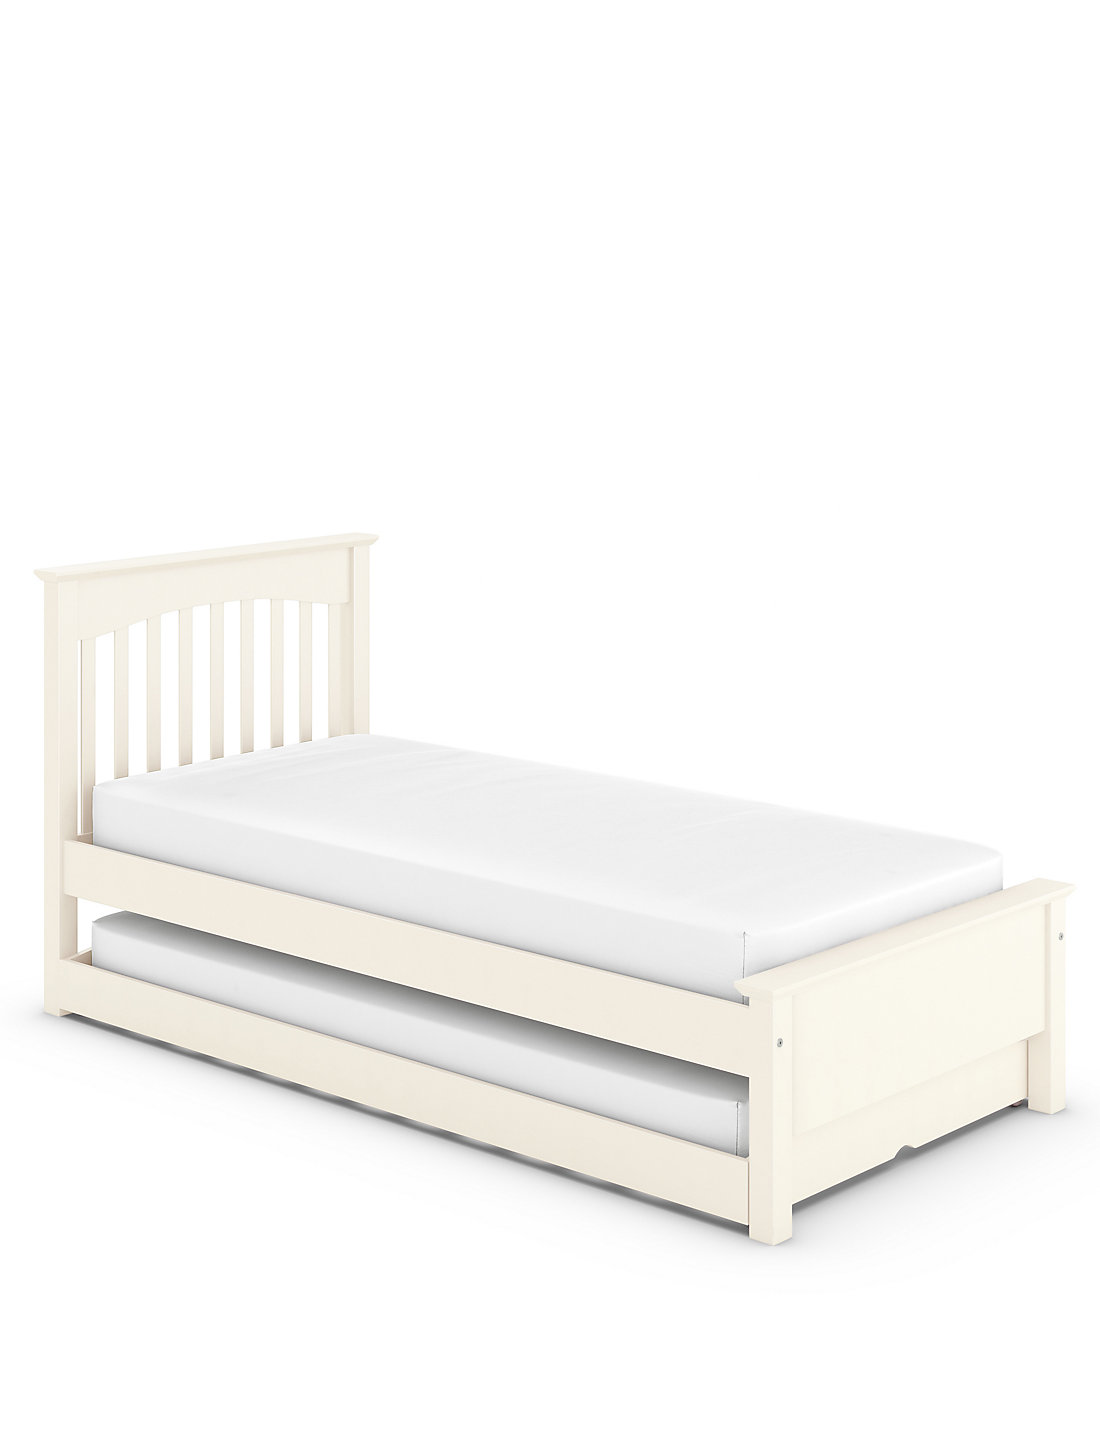 Marks And Spencer Bedroom Furniture Childrens Bedroom Furniture Bunk Beds Storage Sets Ms